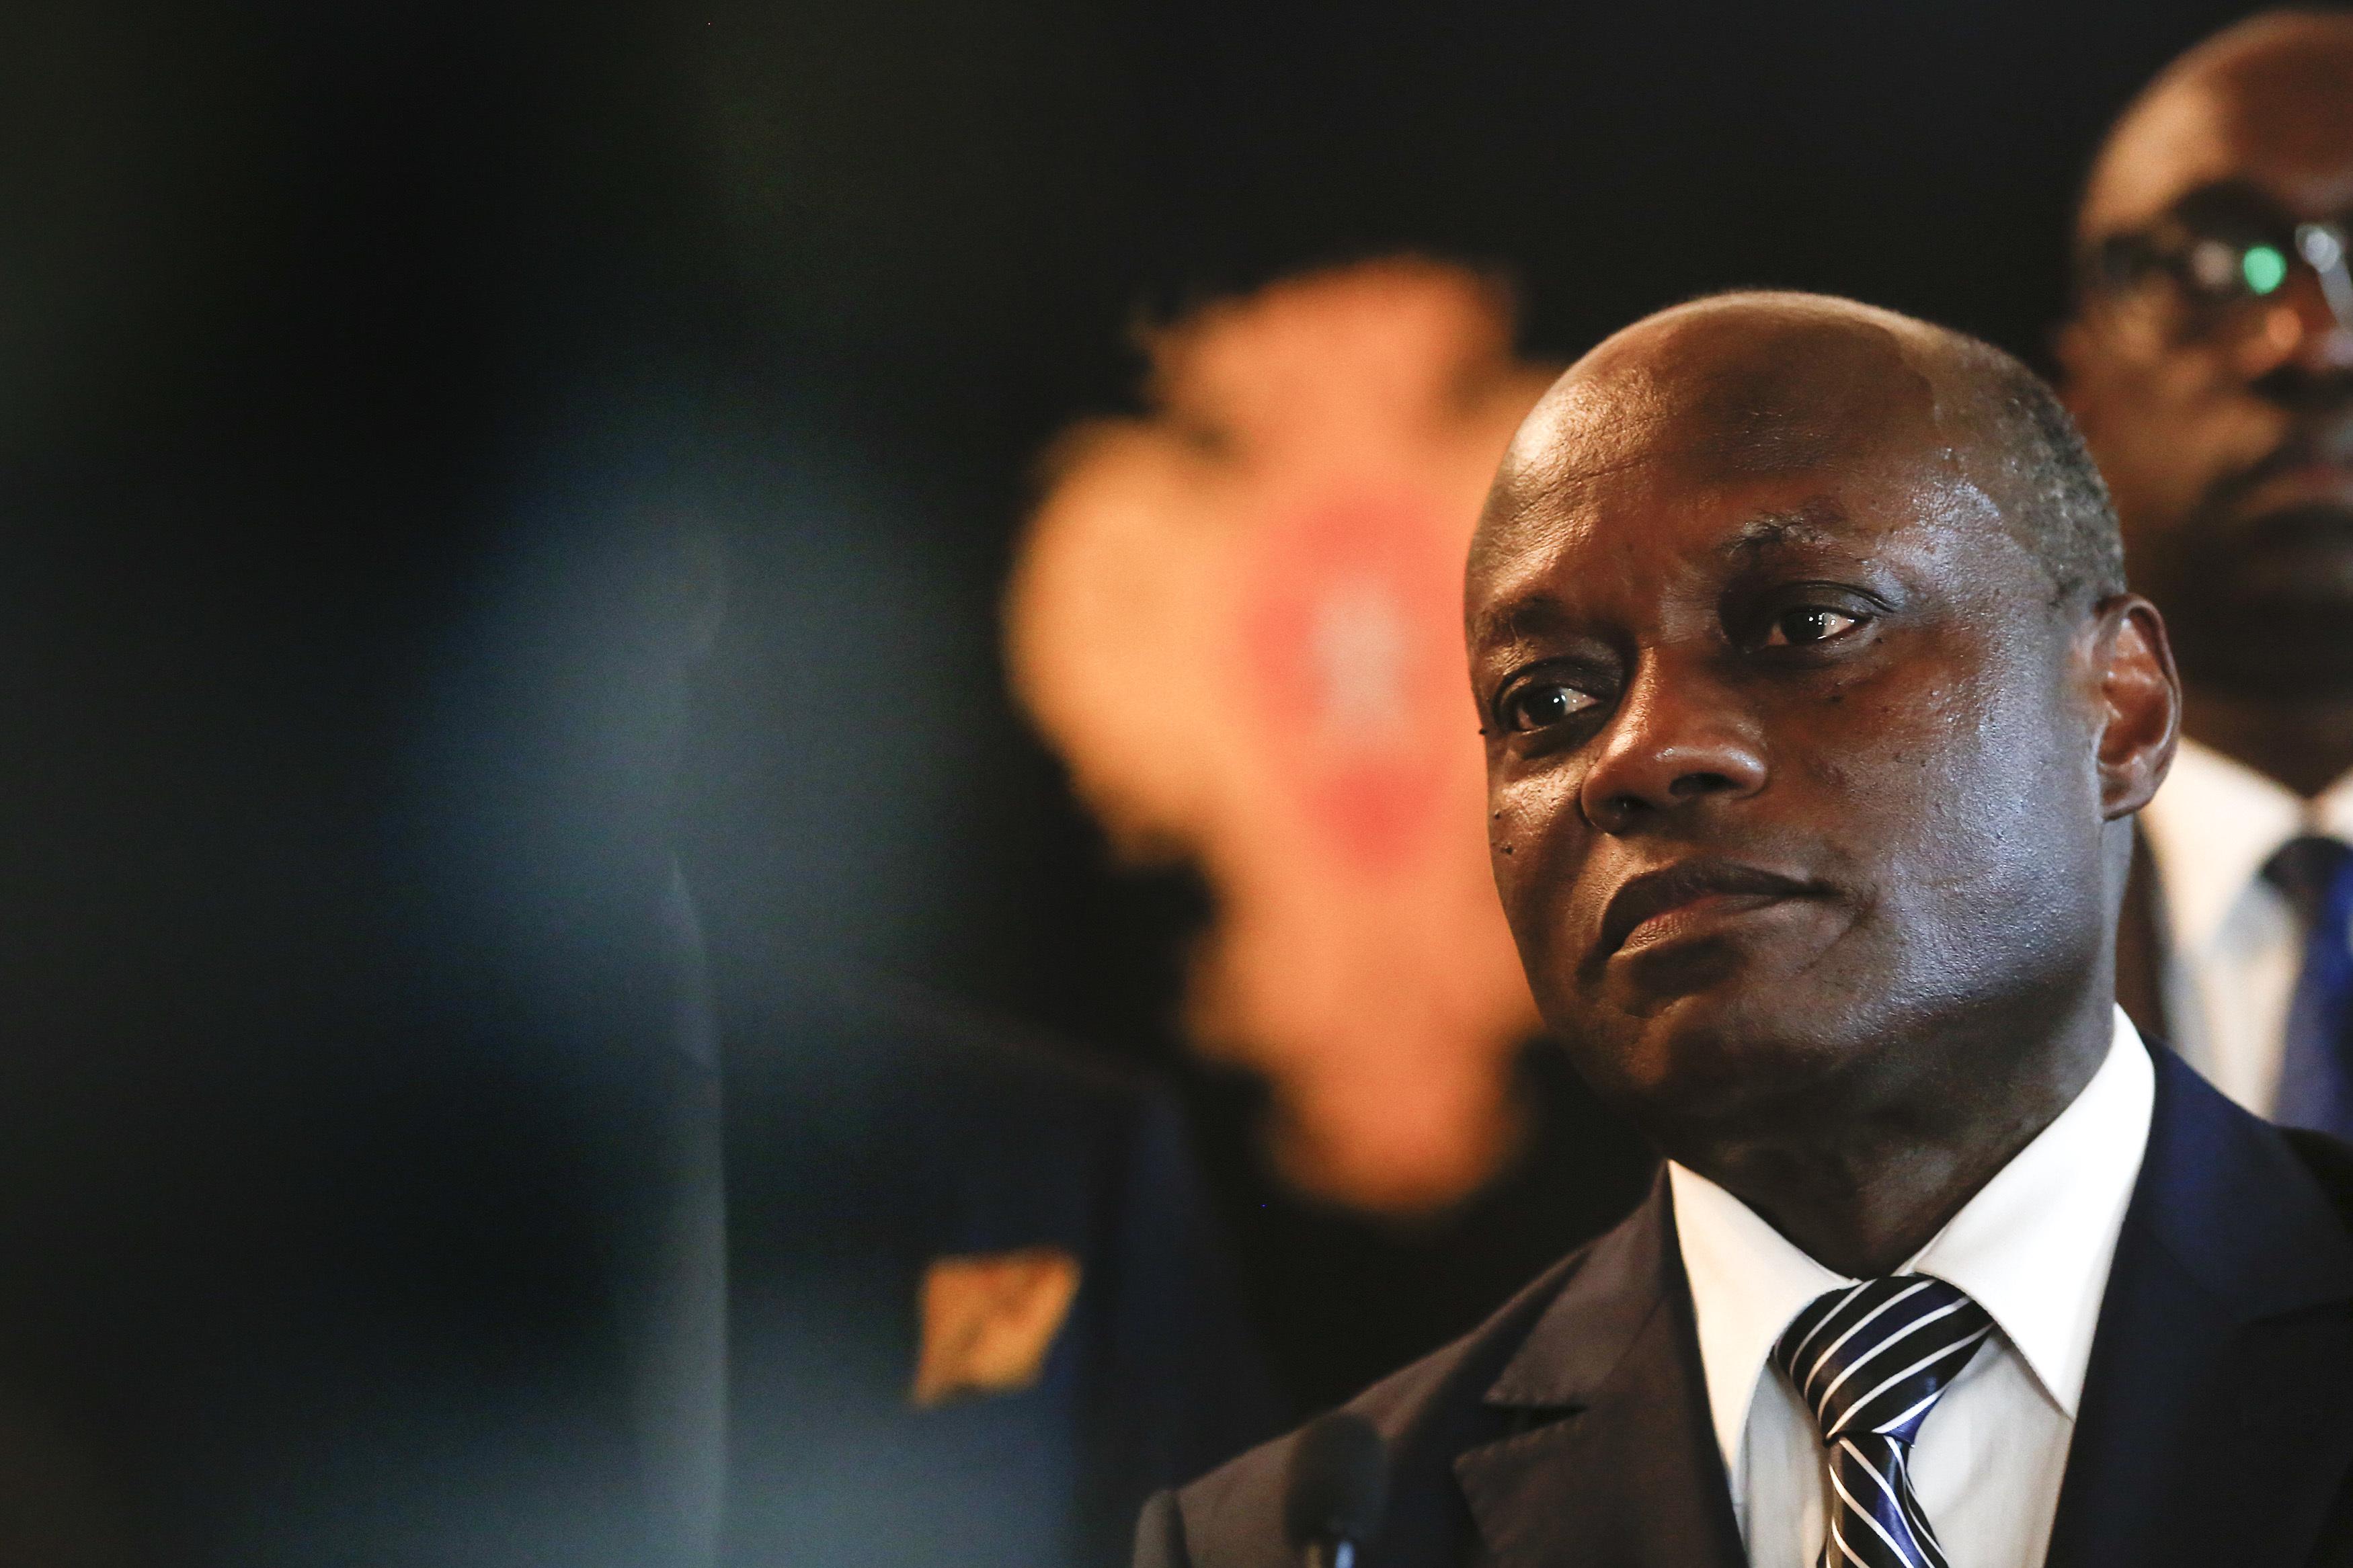 Presidente da República da Guiné-Bissau nomeia novo Governo